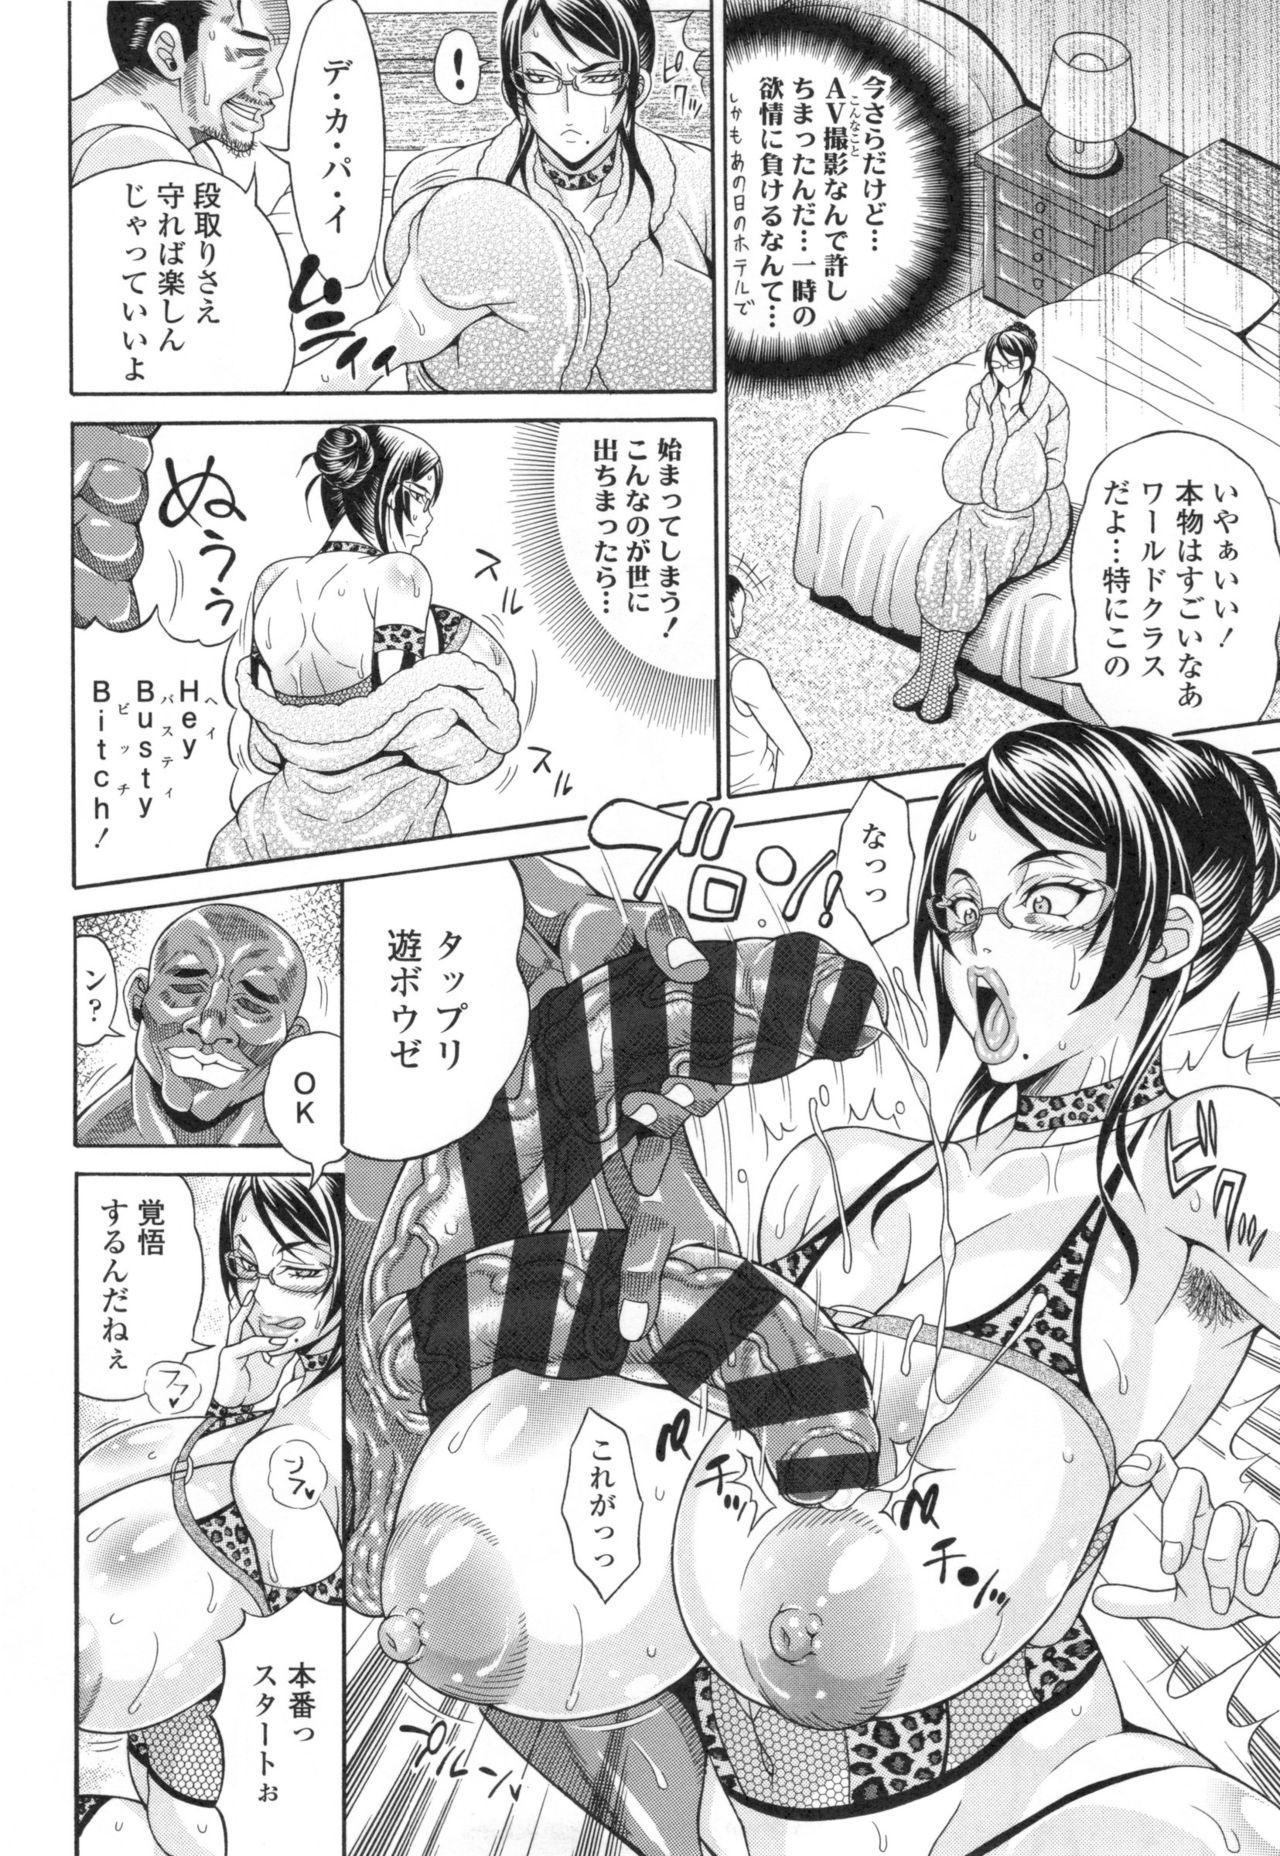 [Andou Hiroyuki] Pakopako Bitch ~Megamori! Mashimashi! Dosukebe Niku~ + Toranoana Leaflet 116